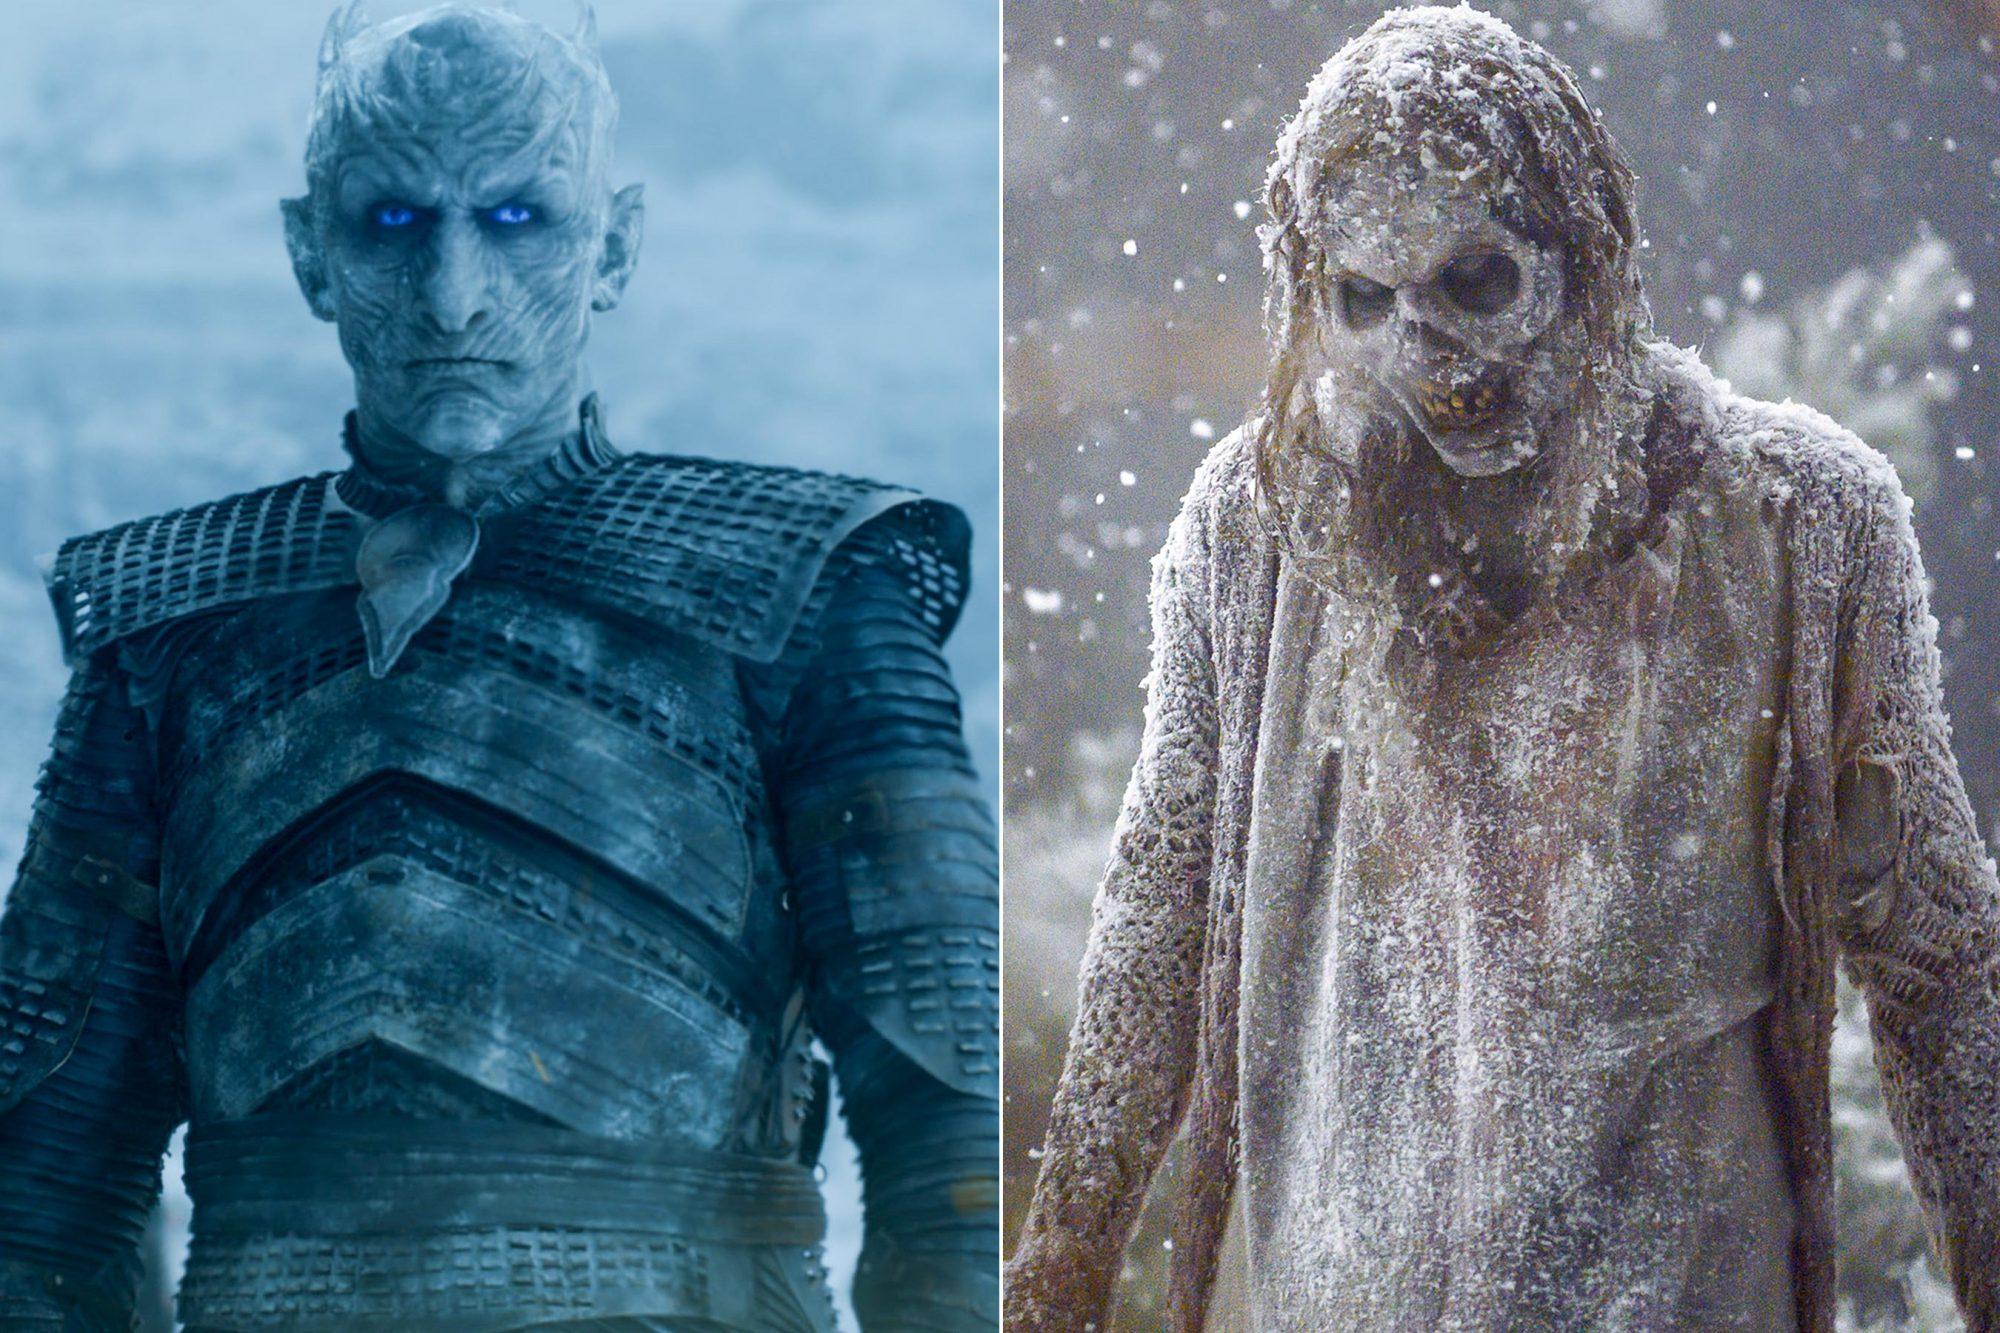 Game of Thrones Episode 66 (season 7, episode 6), debut 8/20/17: Vladimir Furdik as Night King photo: courtesy of HBO -The Walking Dead _ Season 9, Episode 16 - Photo Credit: Gene Page/AMC